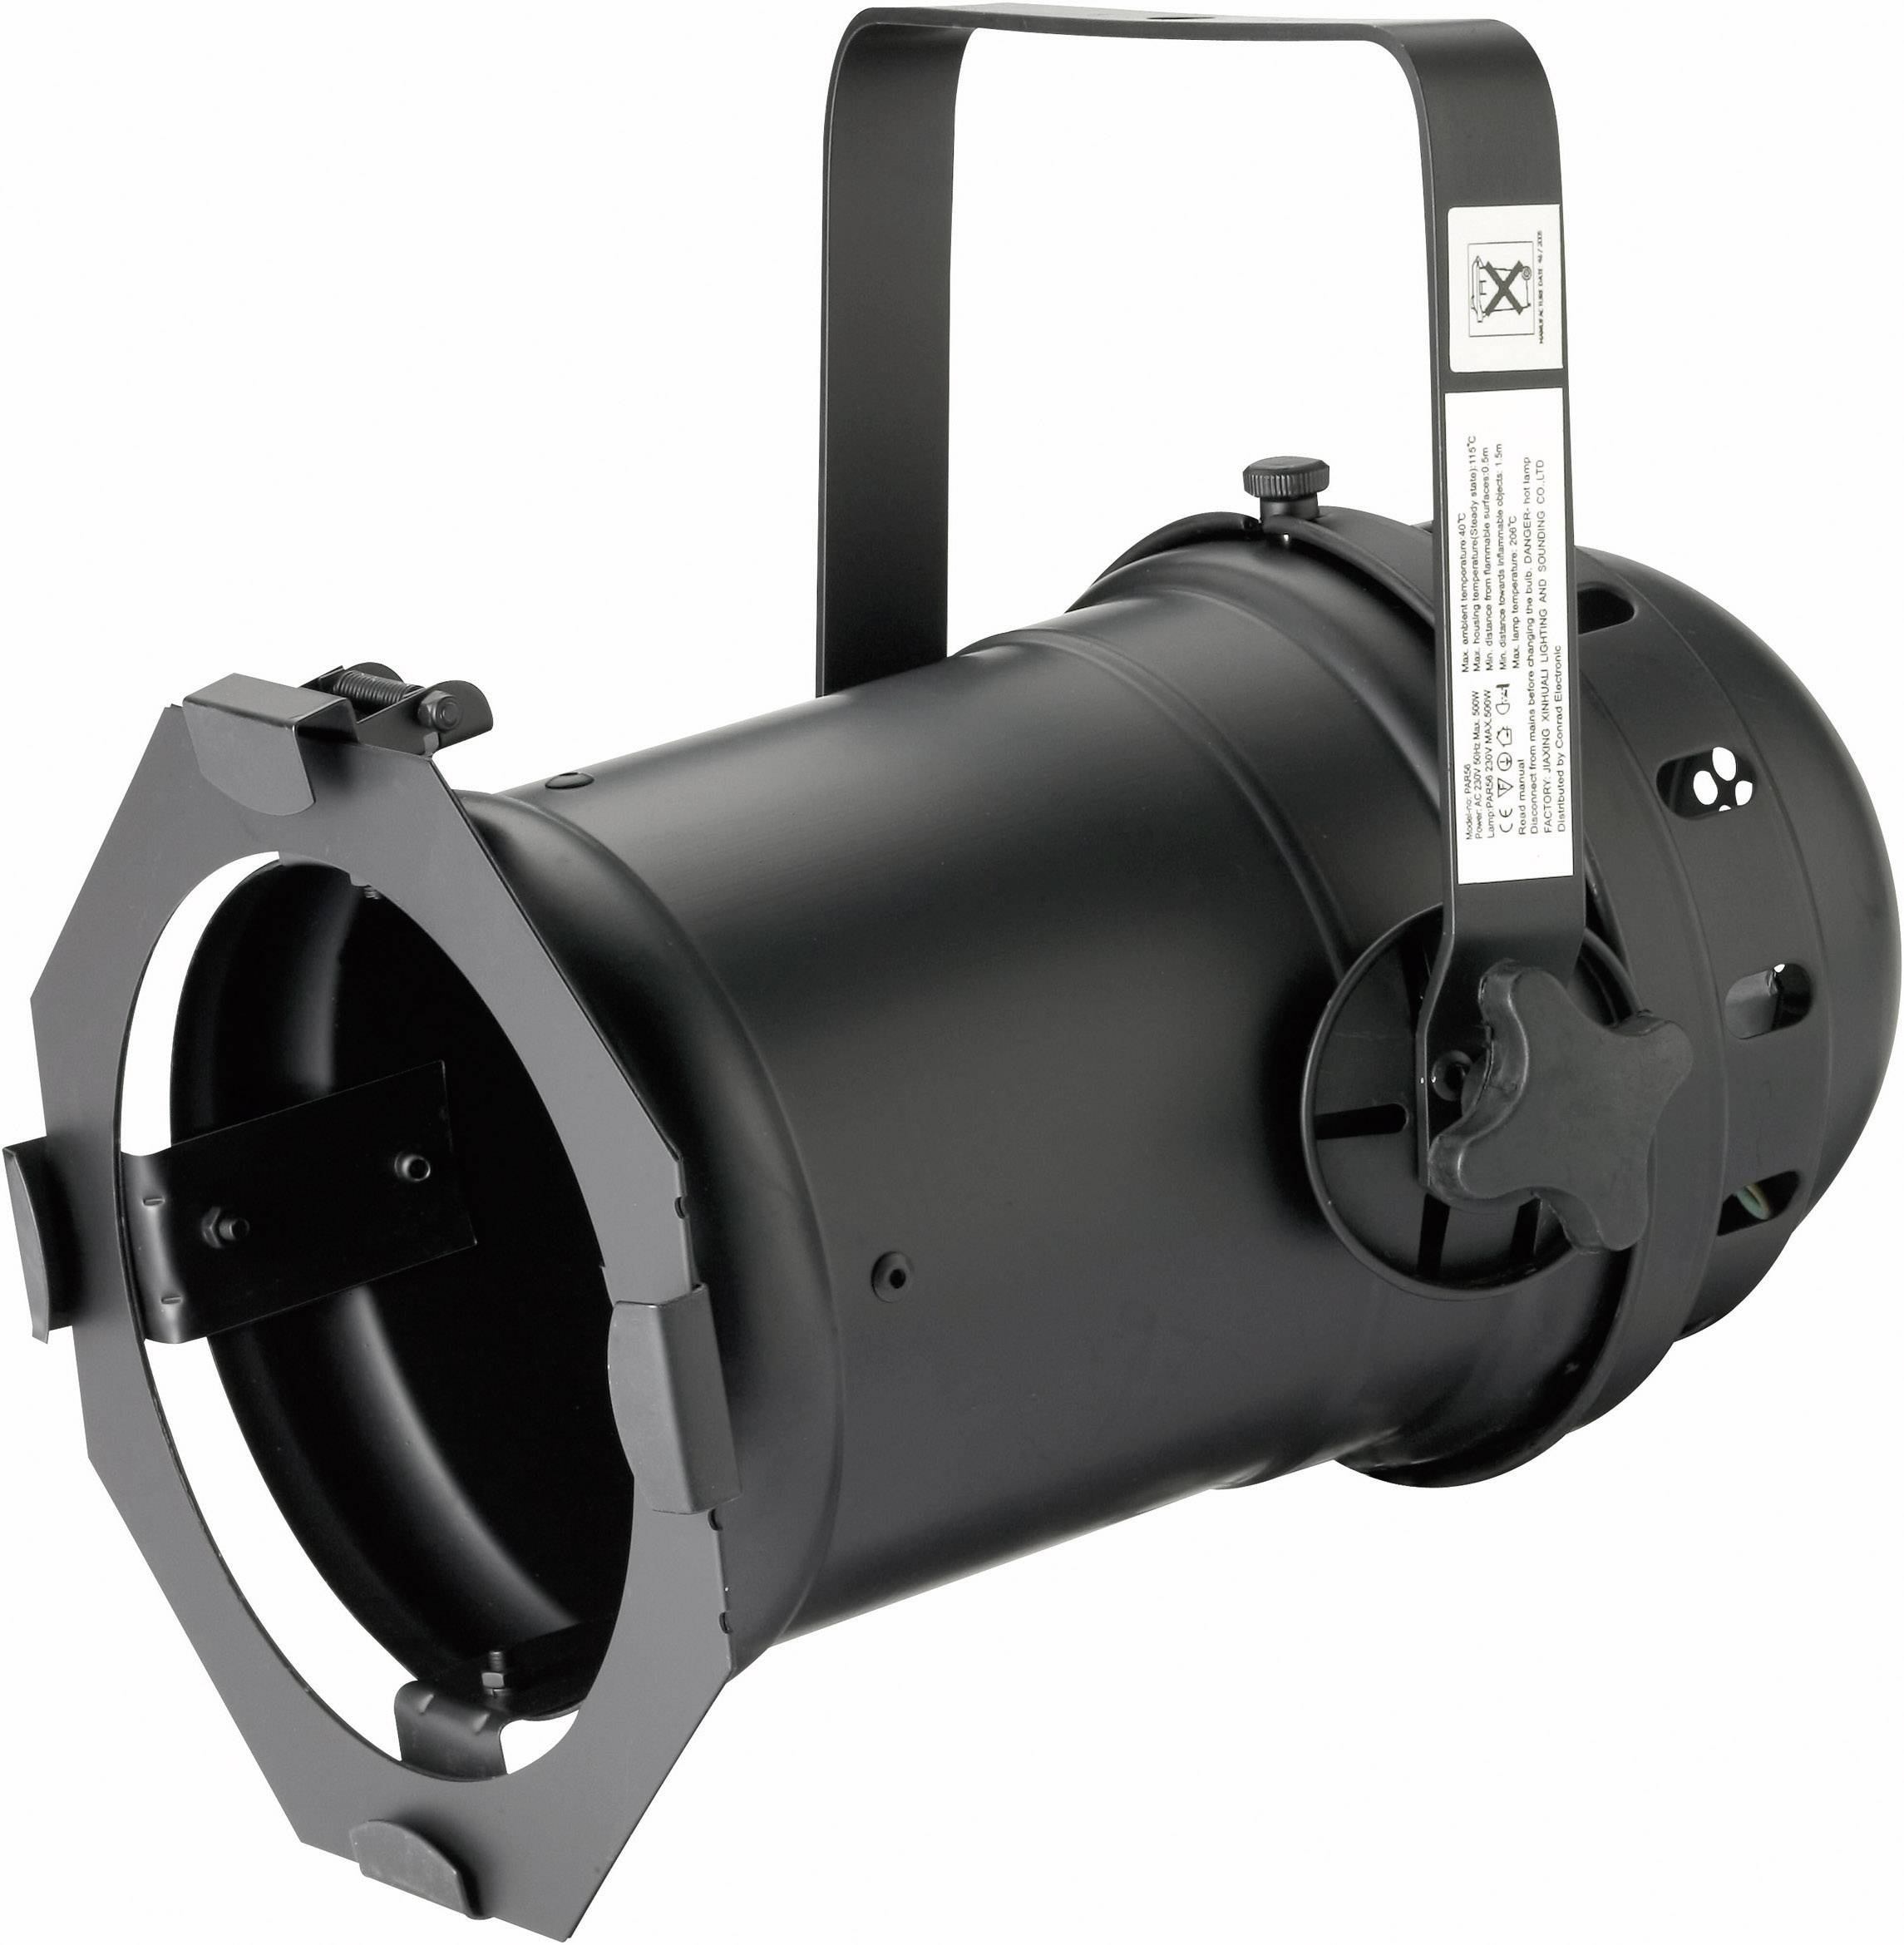 Reflektor PAR 56 Long, čierny hliník